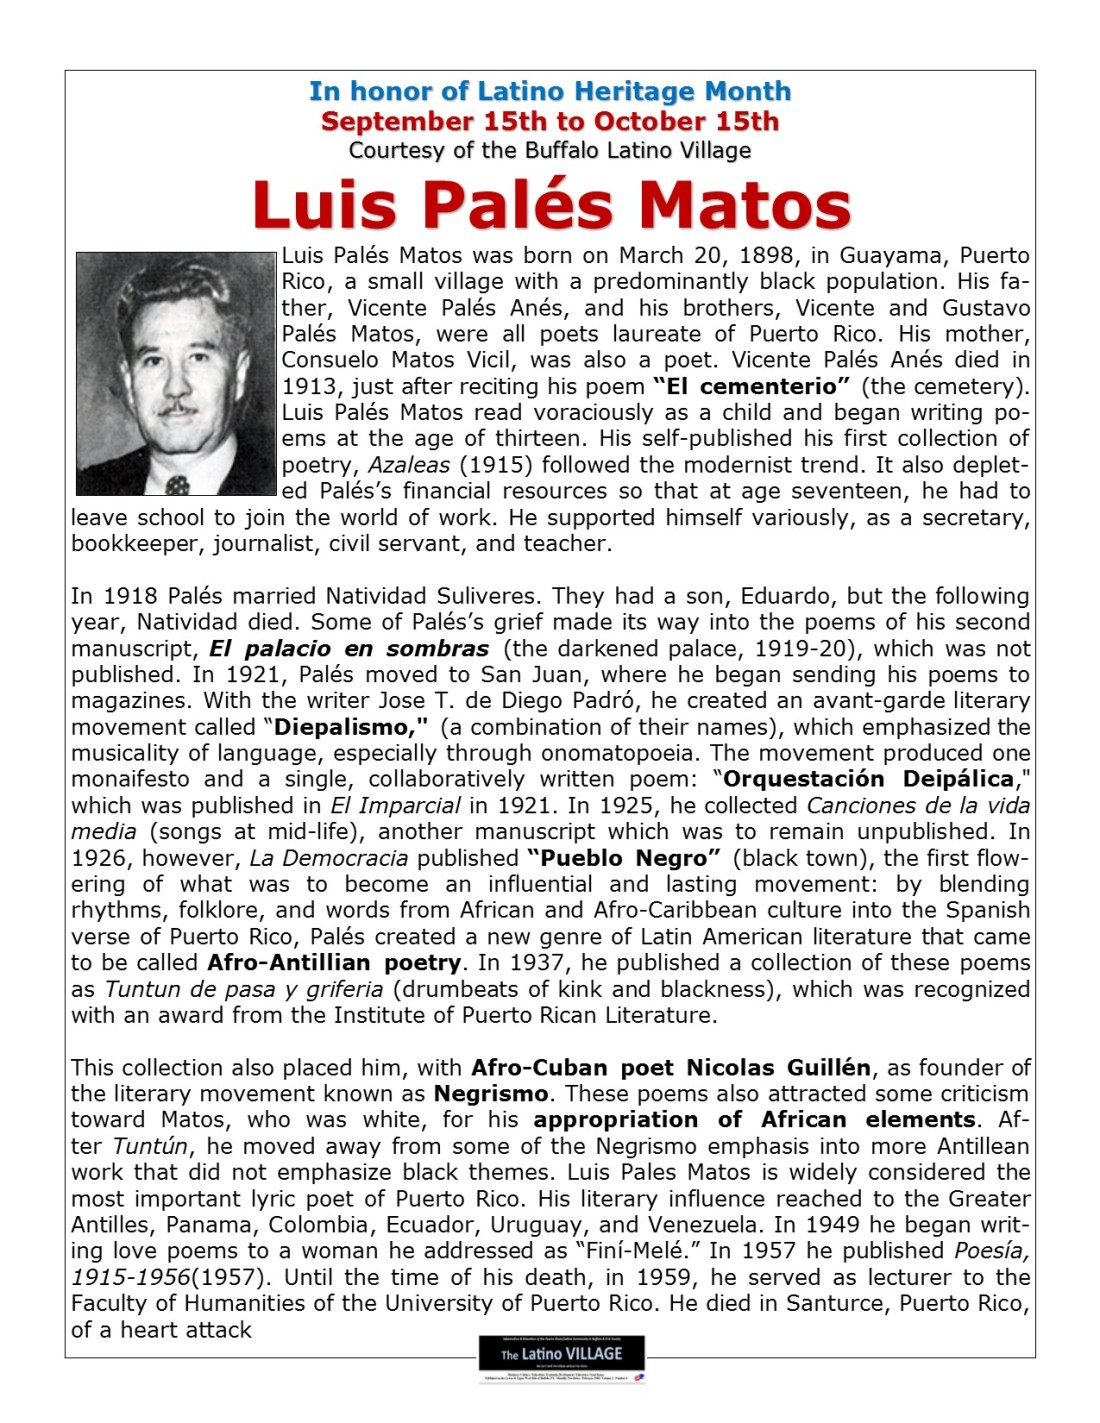 Luis Pales Matos